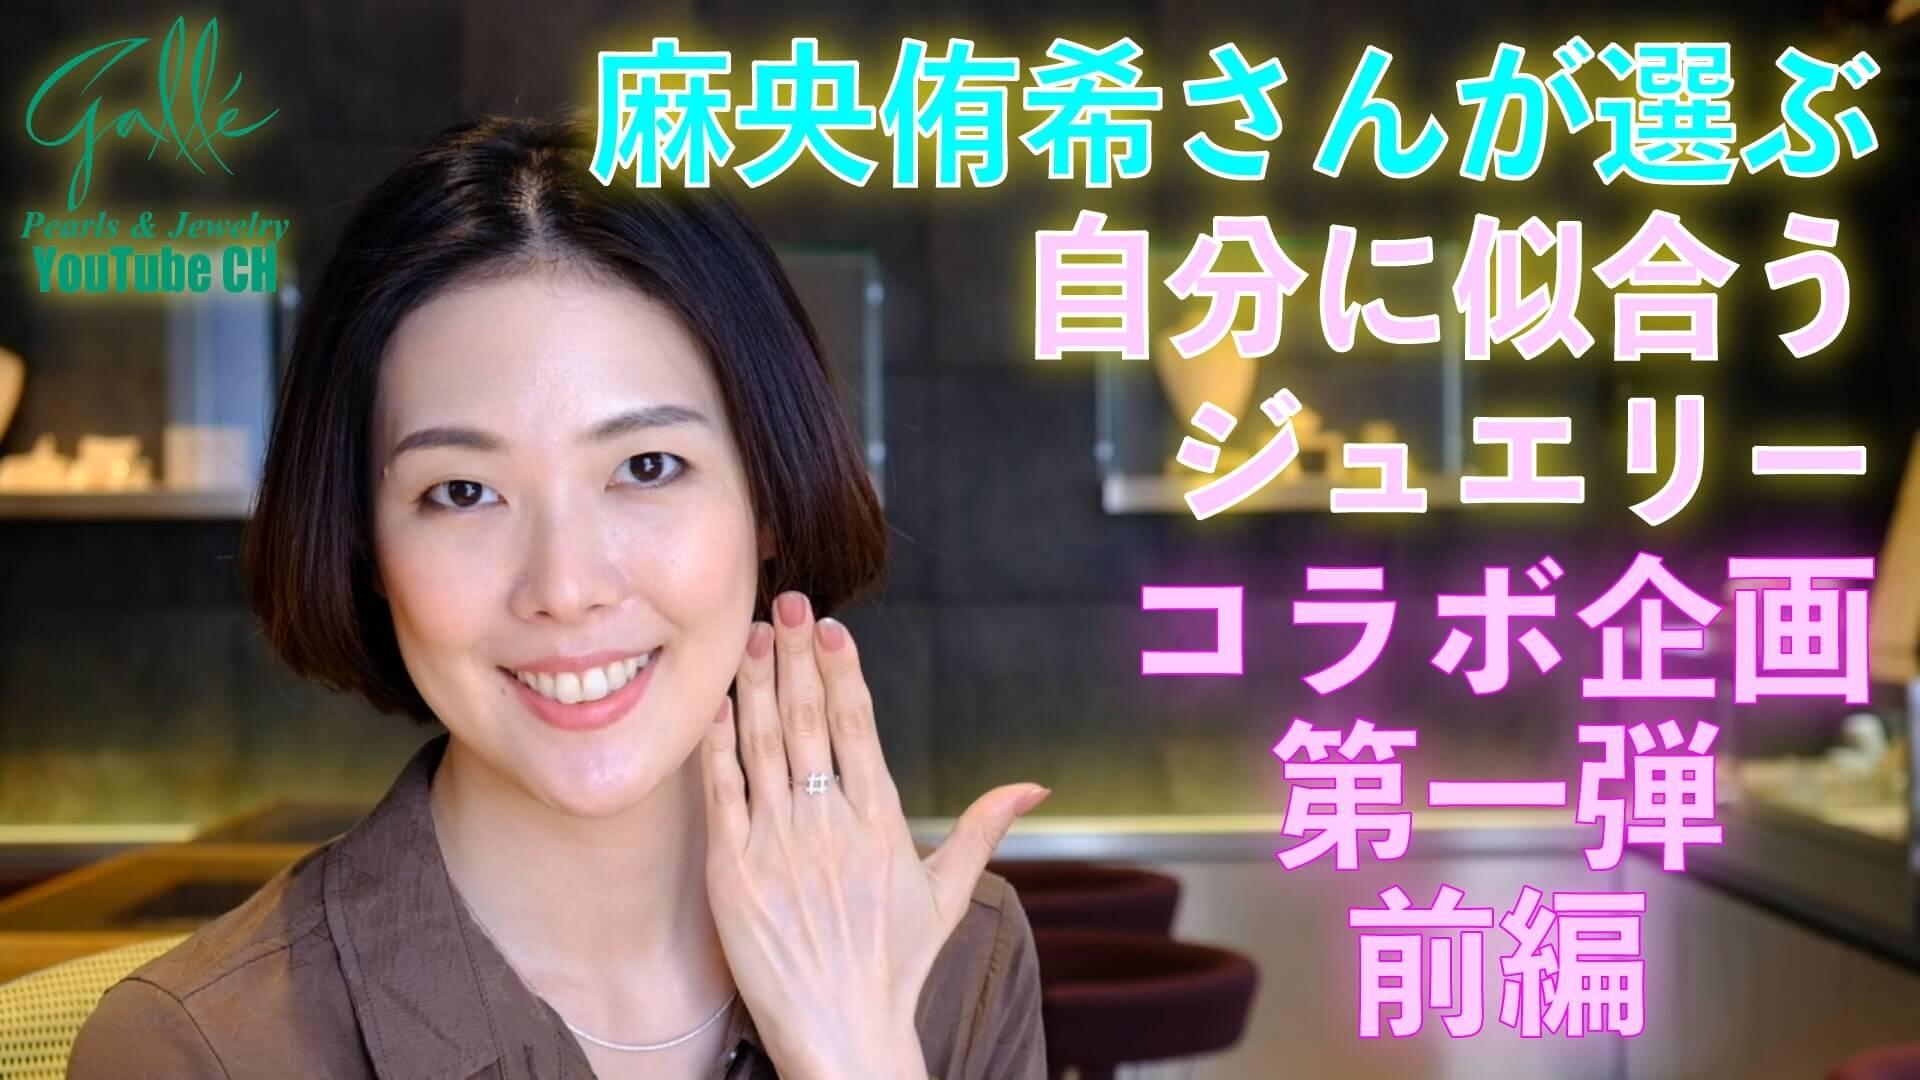 Galle × 麻央 侑希コラボ企画第一弾前編